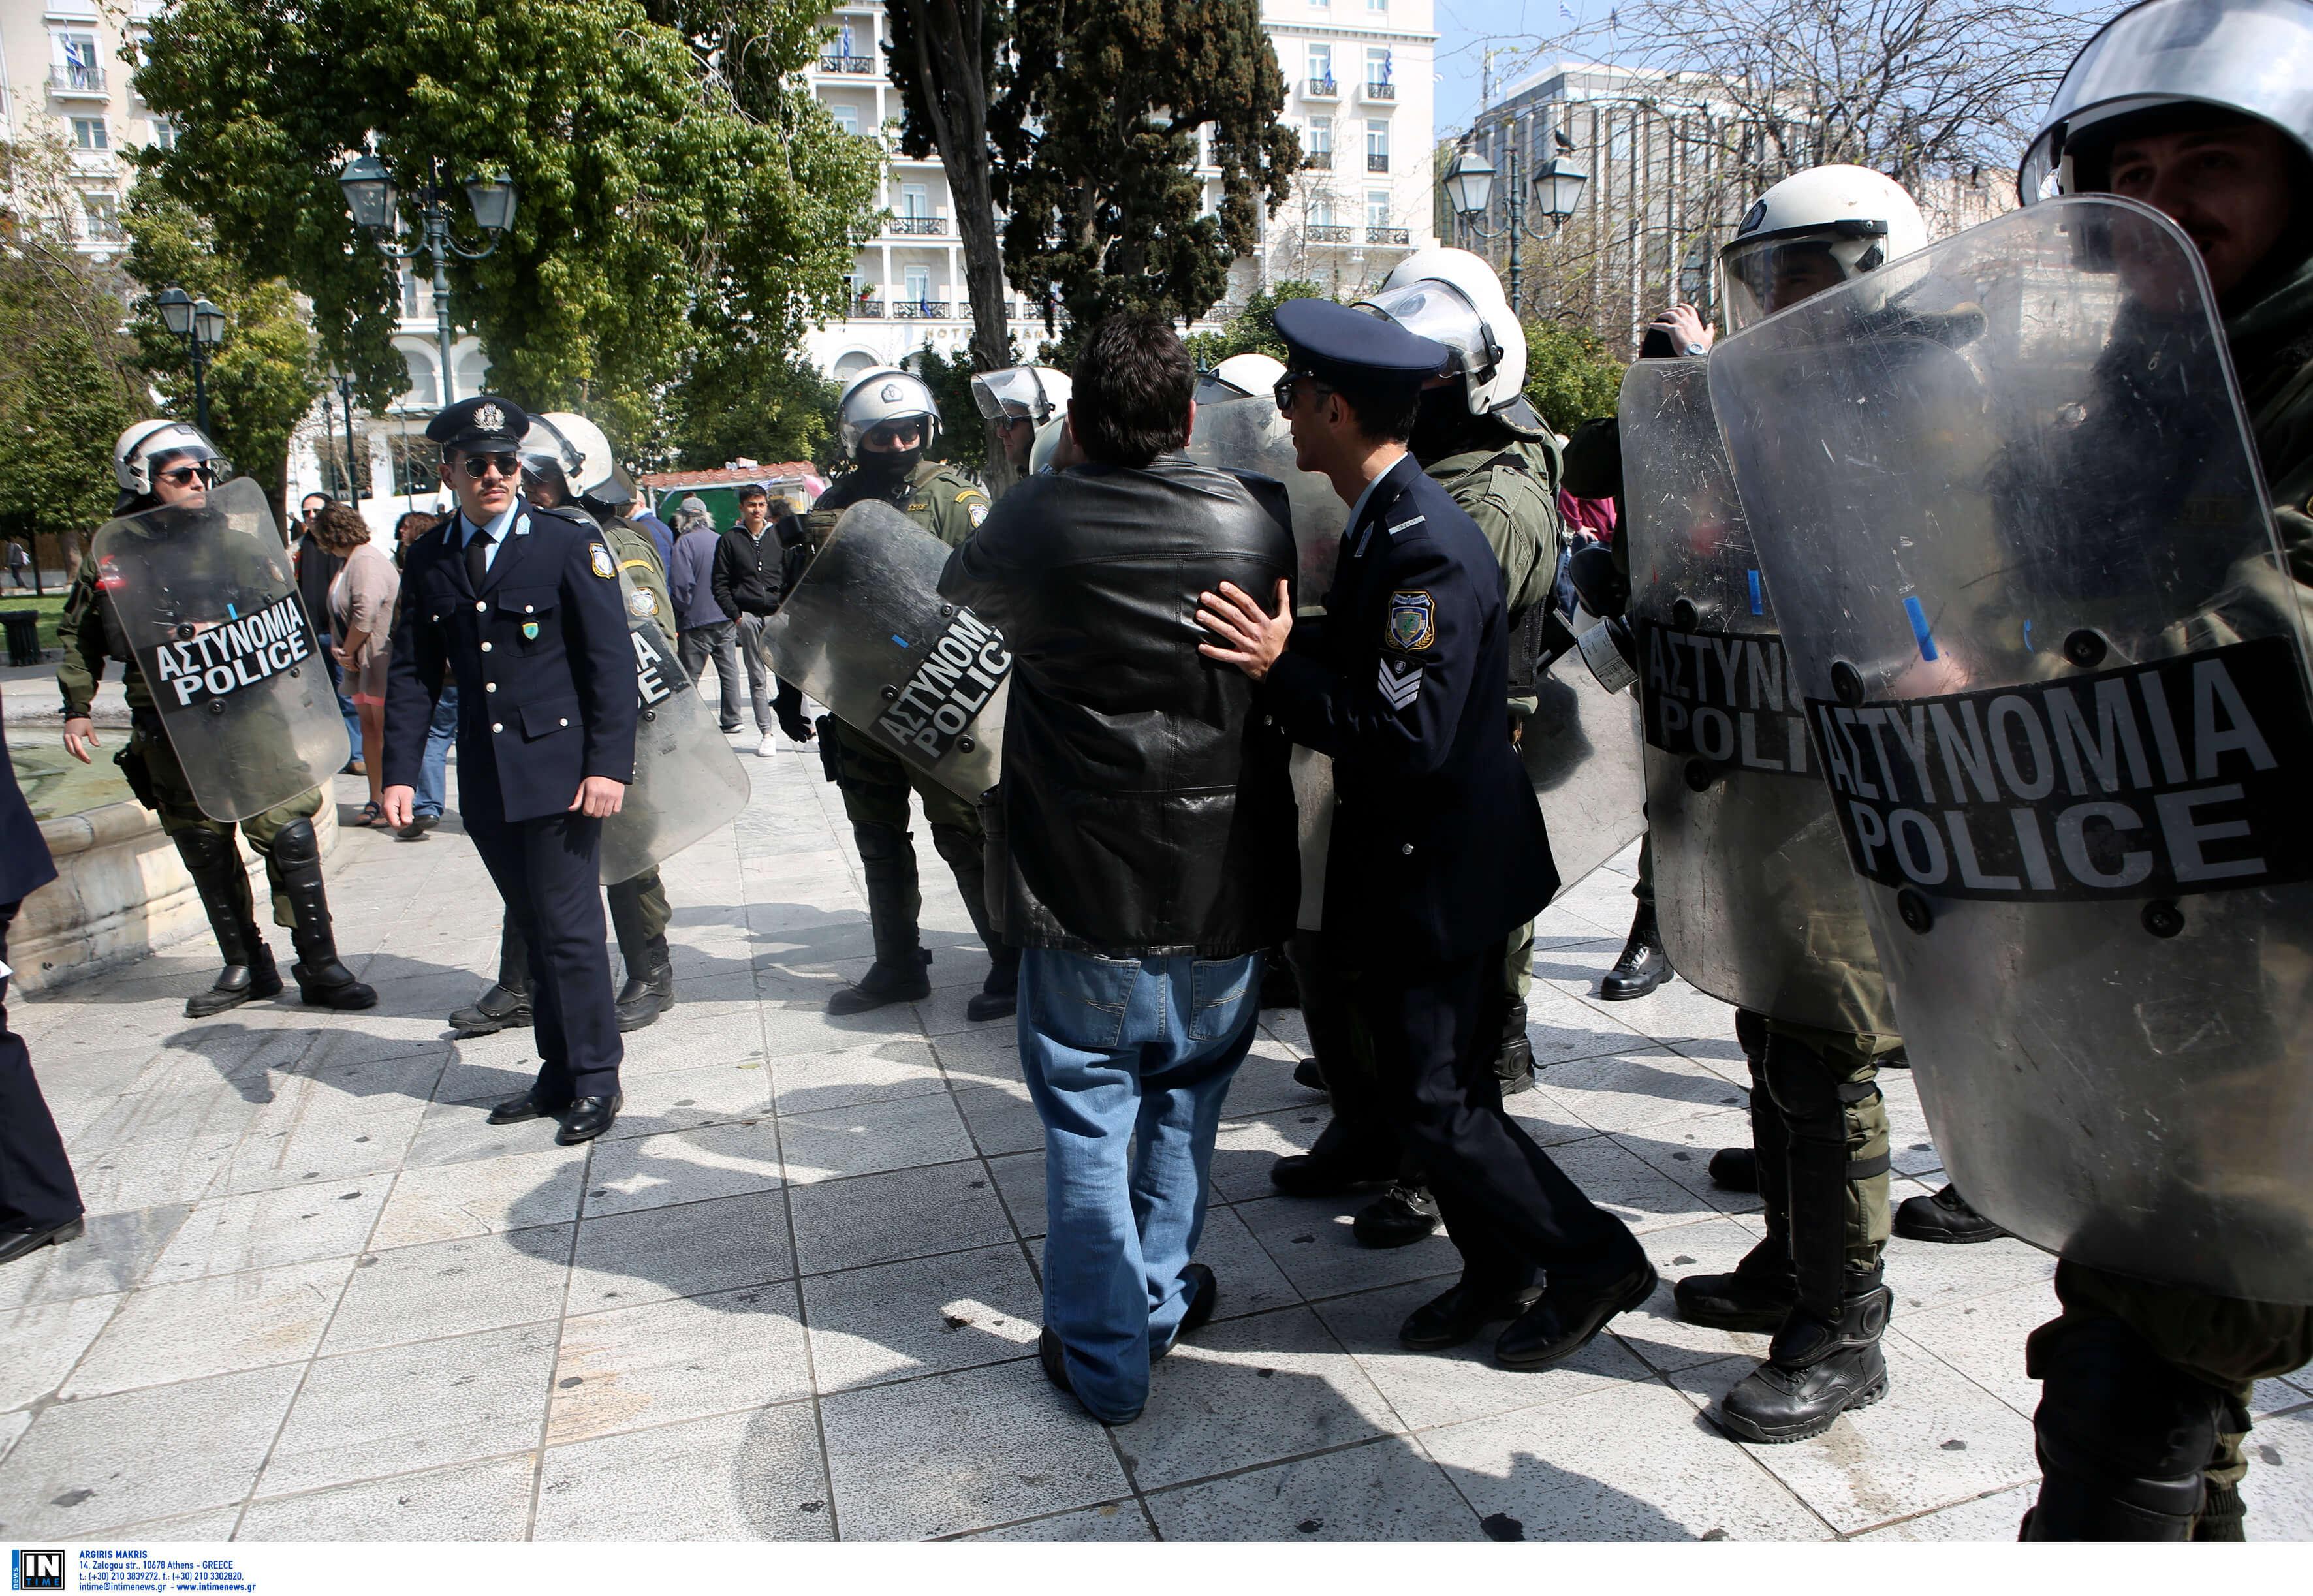 Σιδερόφραχτη και με τον φόβο επεισοδίων η παρέλαση της 25ης Μαρτίου - 1.600 αστυνομικοί μόνο στην Αθήνα